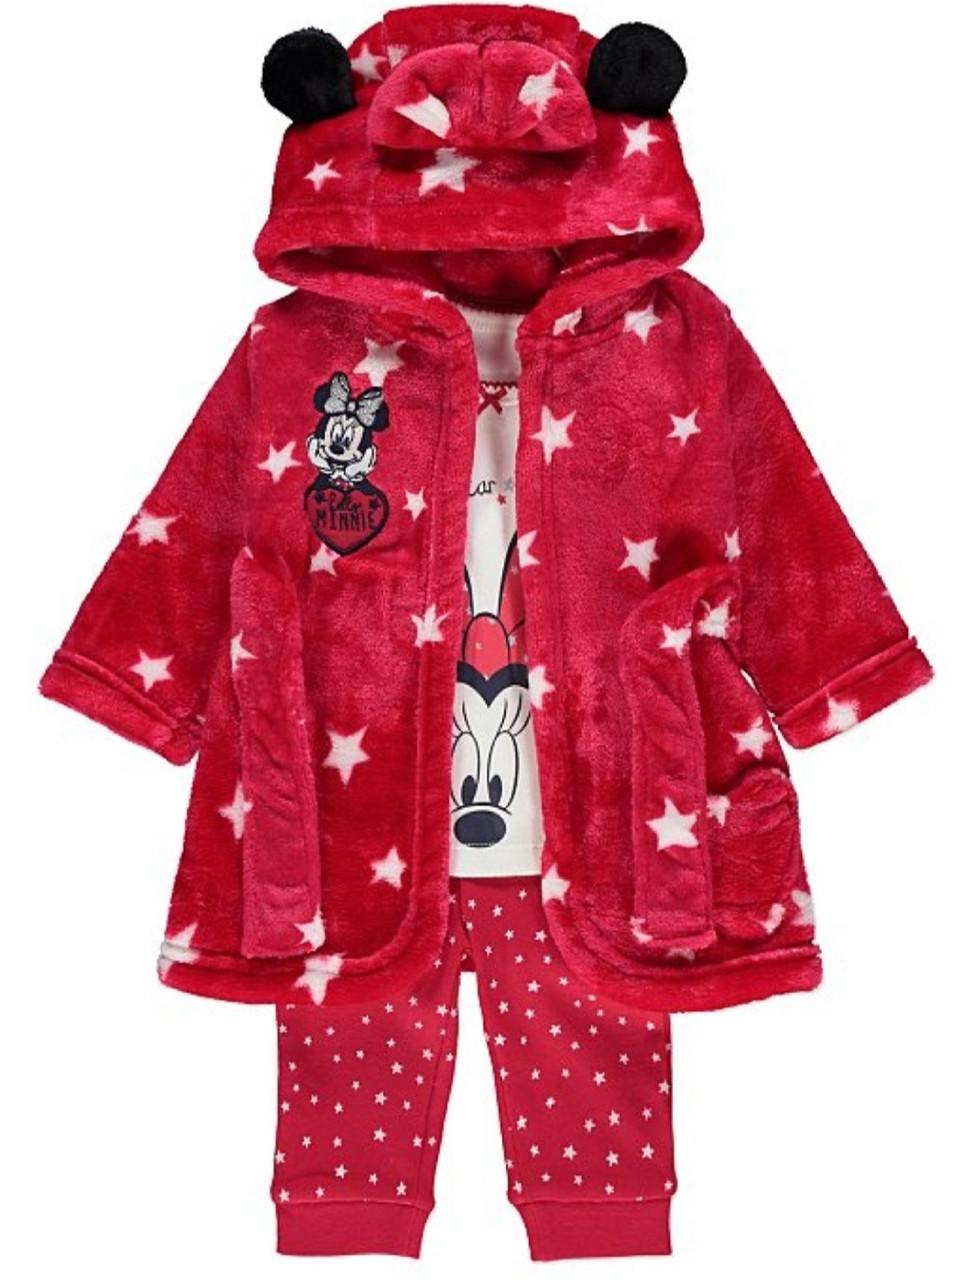 """Набор детский пижама и халат """"Минни"""" George (Англия) р.86см. (12-18мес.)"""